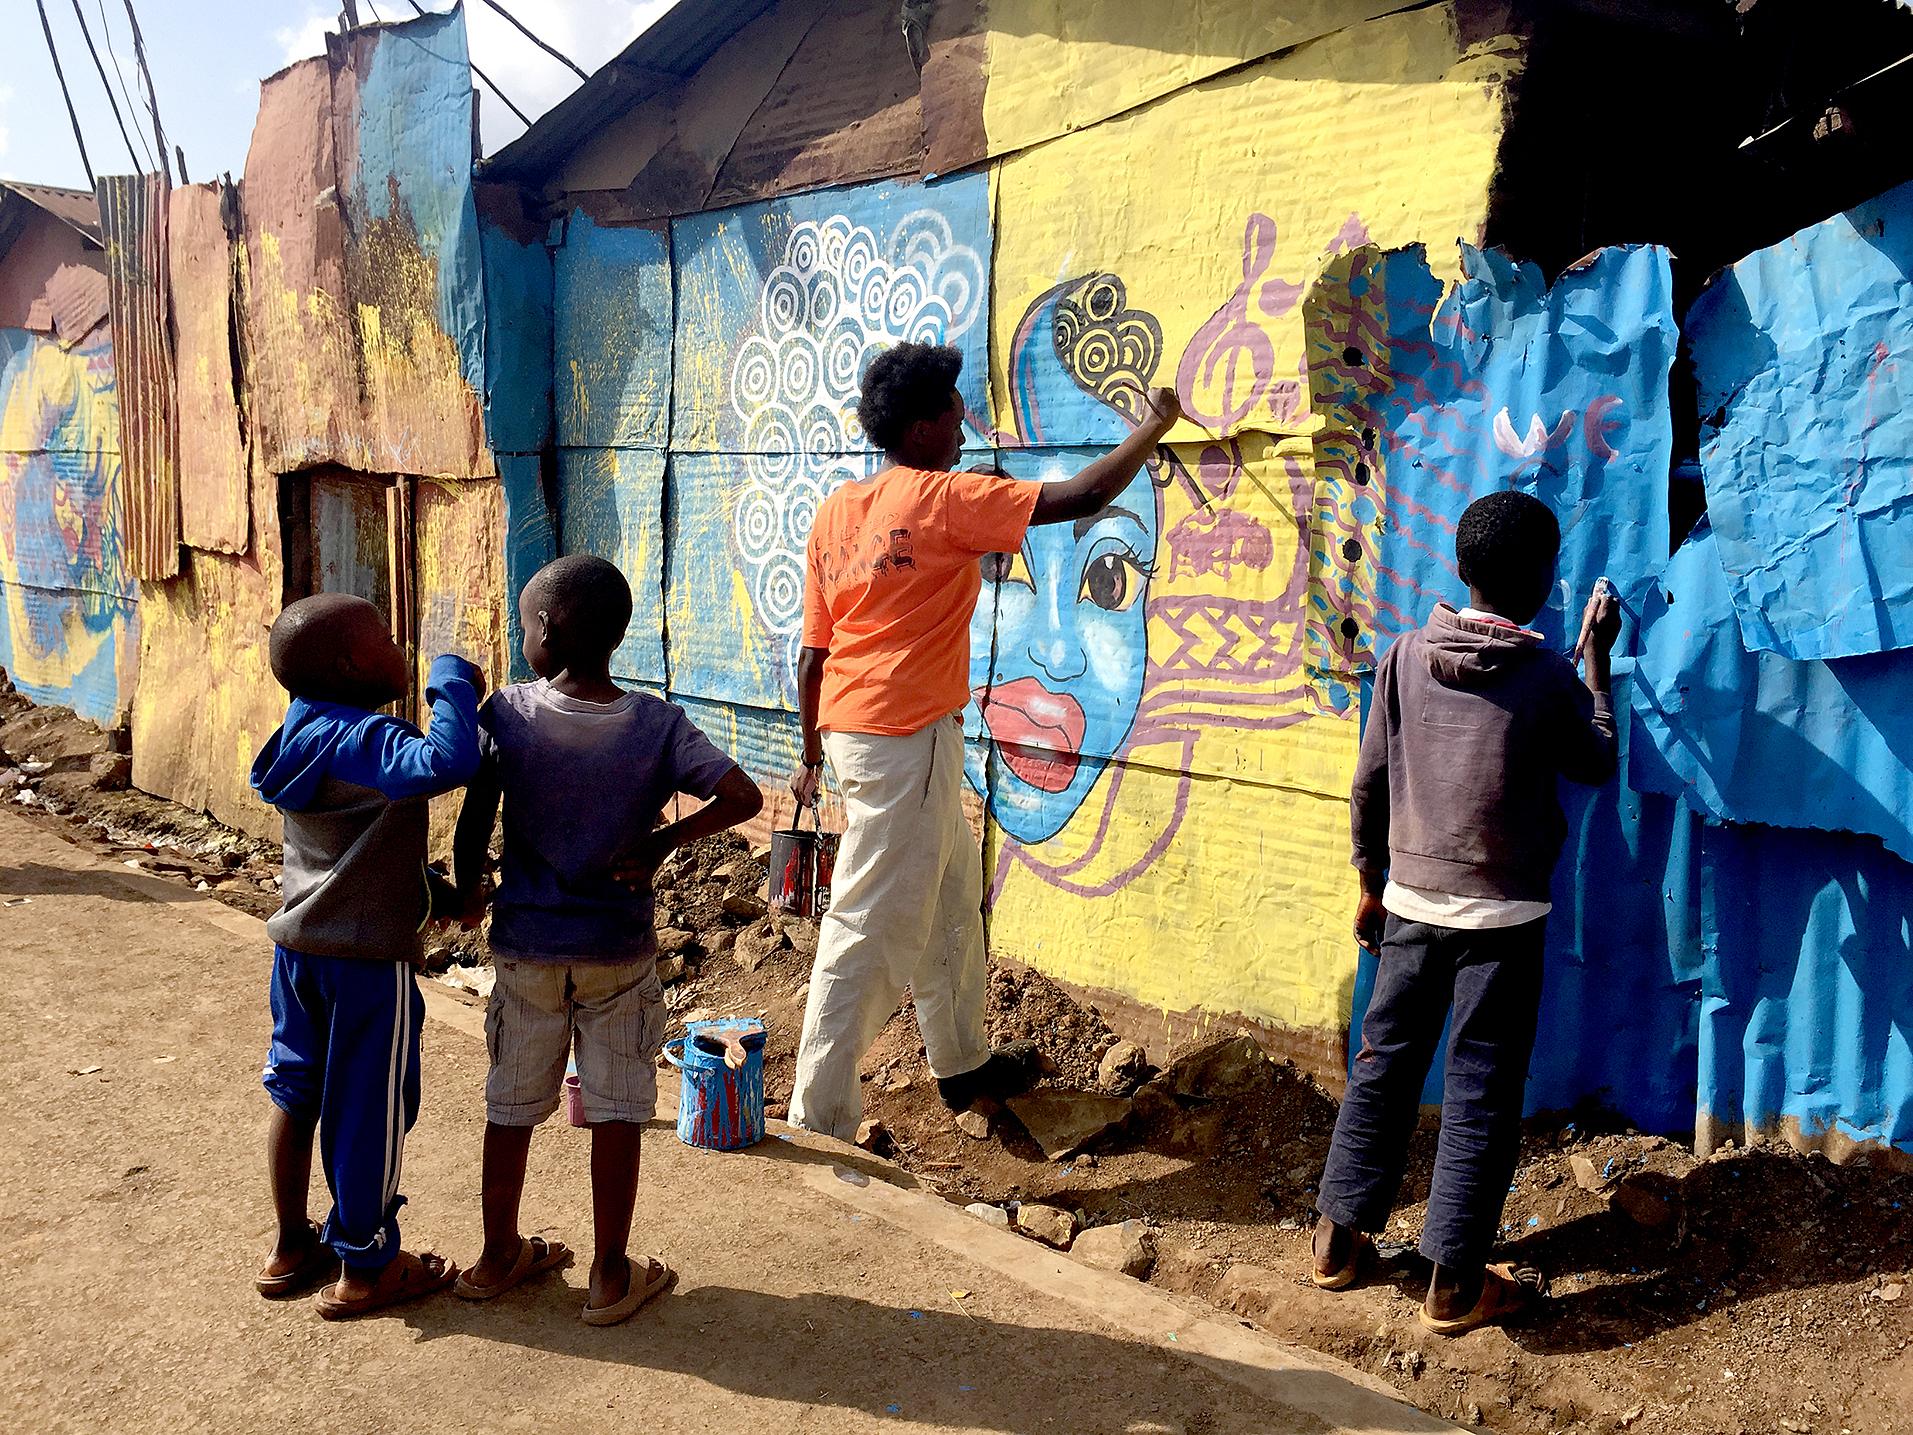 Det som skiljer Korogocho Streetscapes från många initiativ kring stadsutveckling i Nairobi är att huvudfokus ligger på barn och ungas möjlighet att verka och aktivera sig på och i offentliga platser.